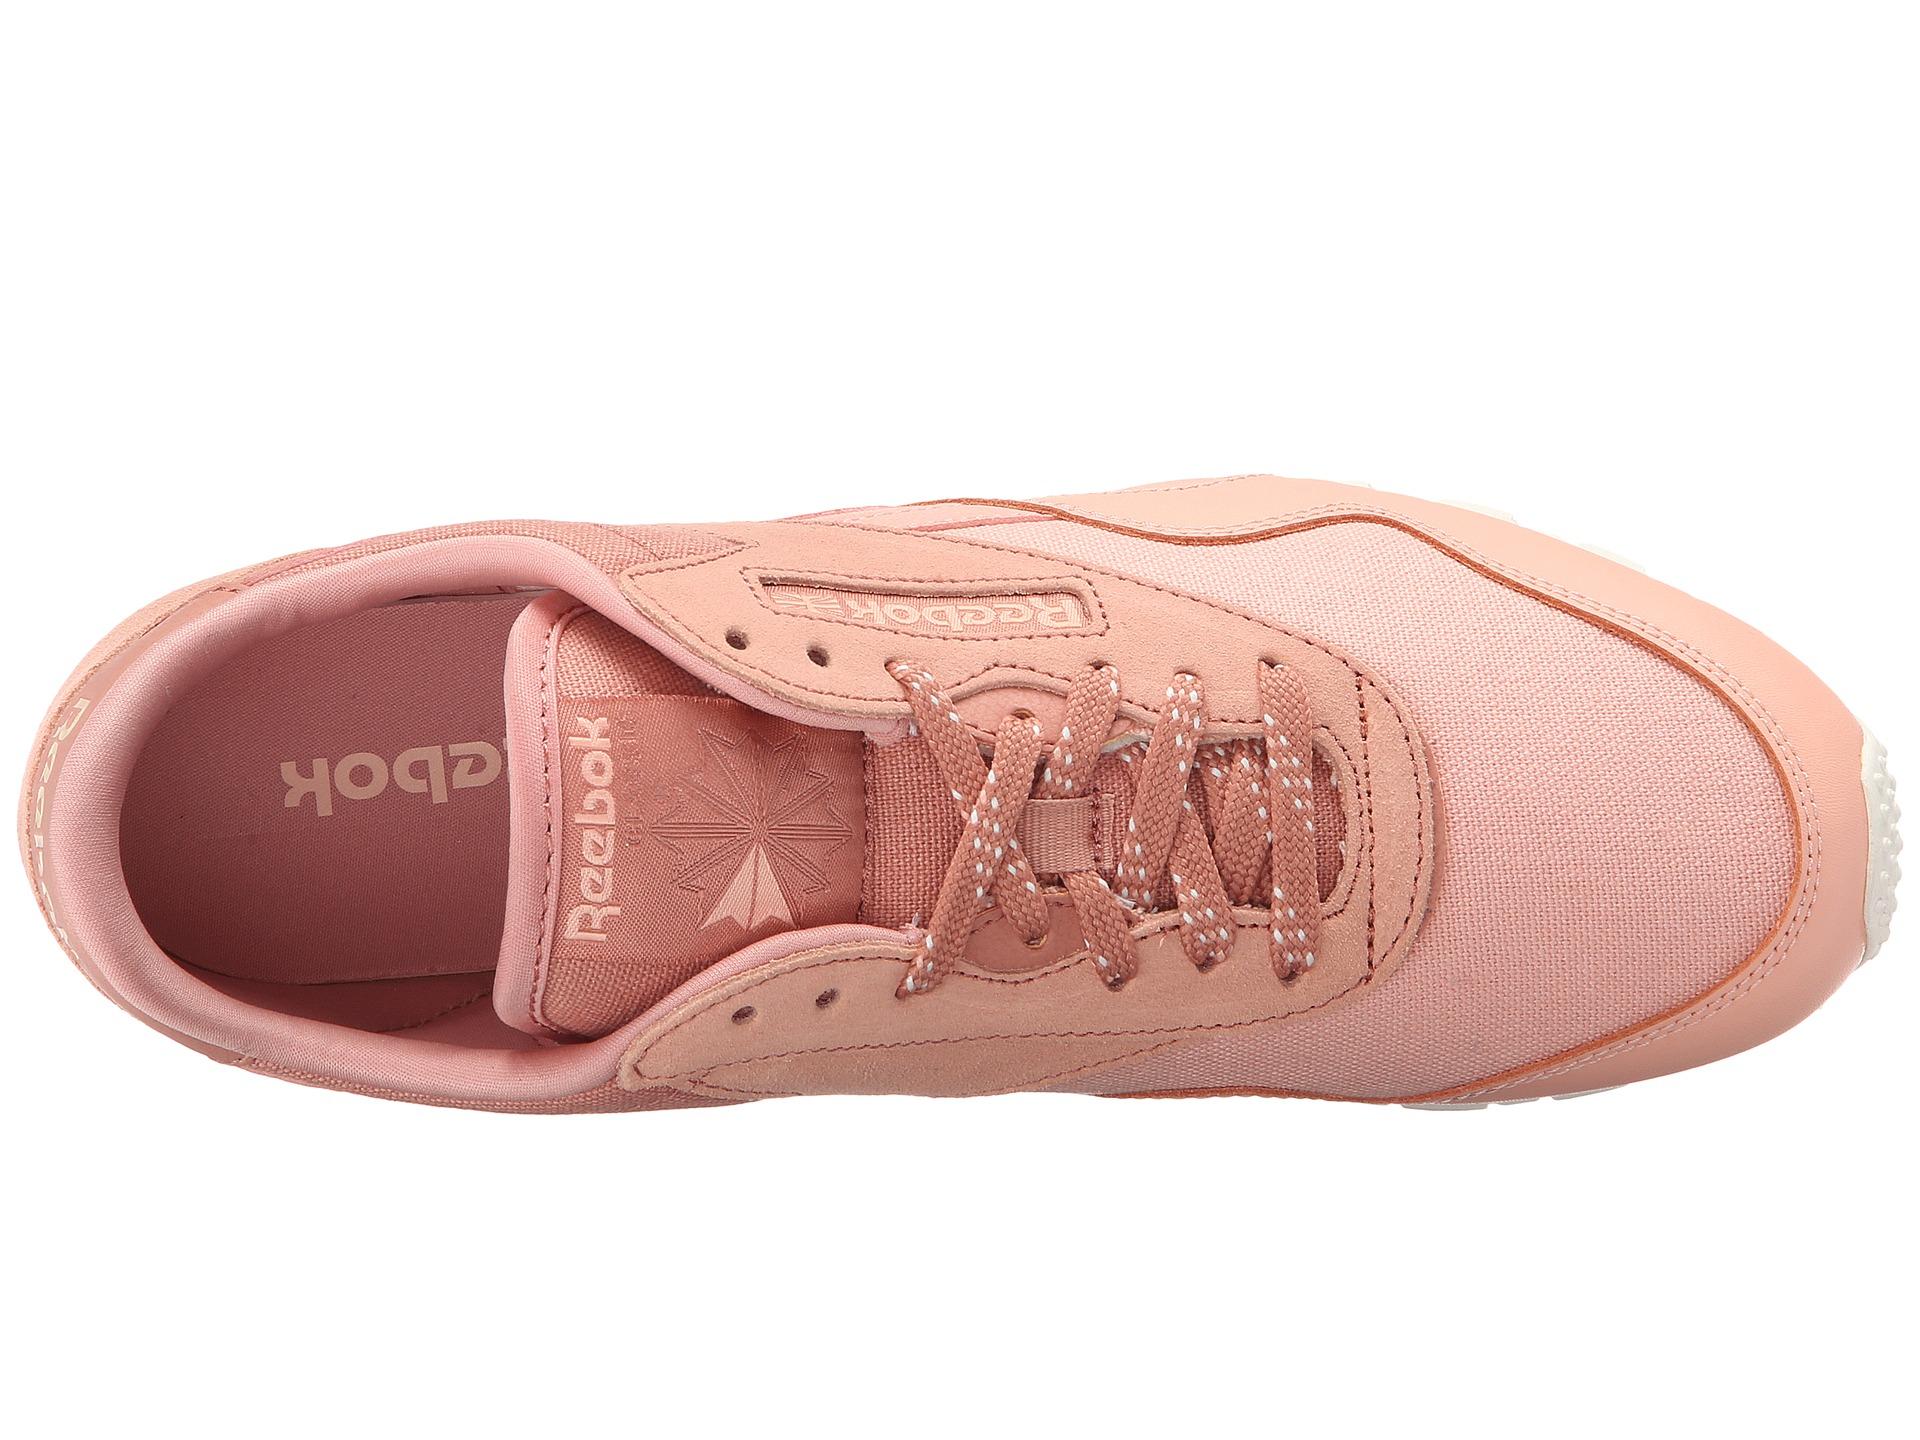 0f226d43aad2 Lyst - Reebok Classic Nylon Slim Core in Pink